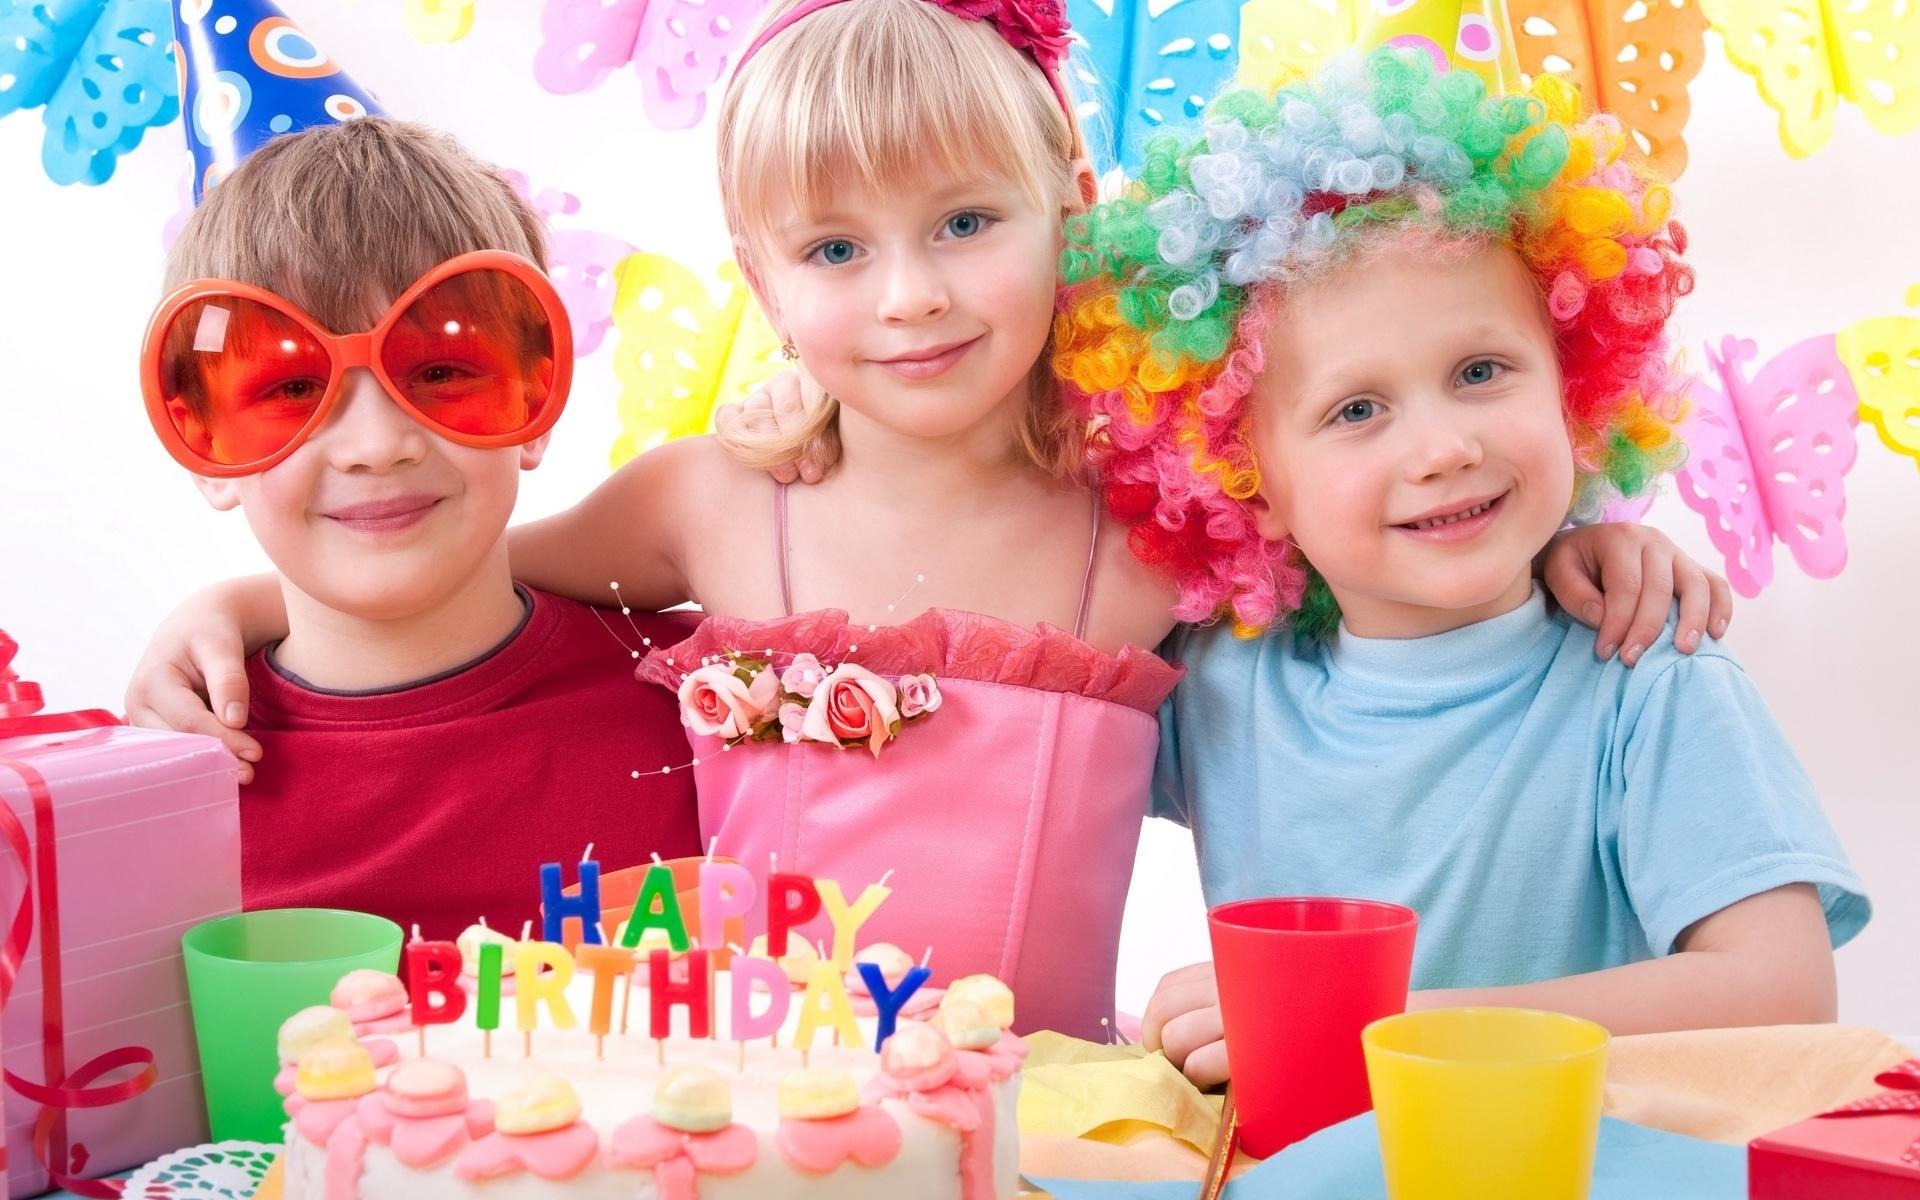 Фото день рождения мальчику 5 лет, для денег своими